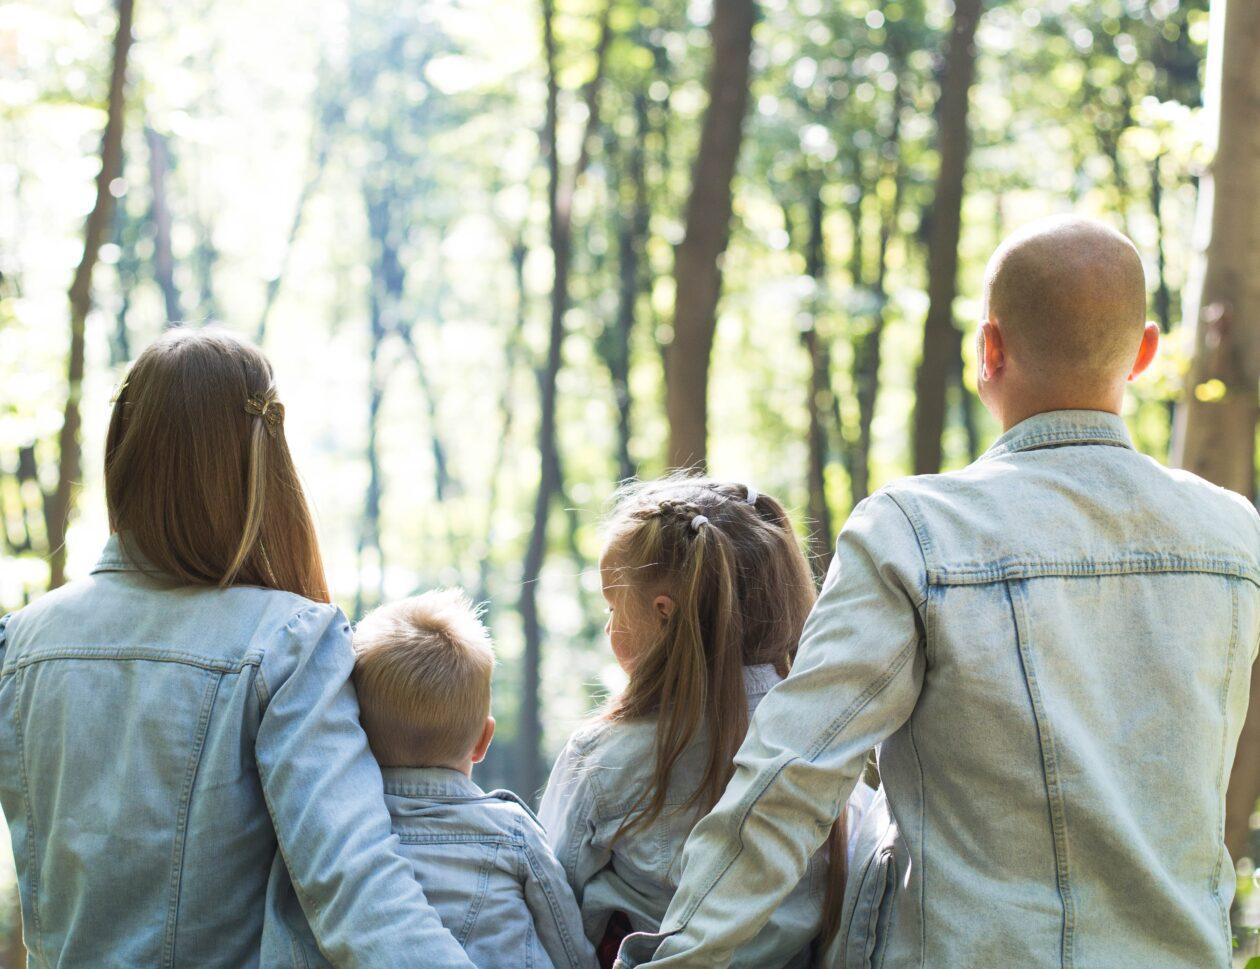 15 Μαΐου - Διεθνής Ημέρα Οικογένειας 5